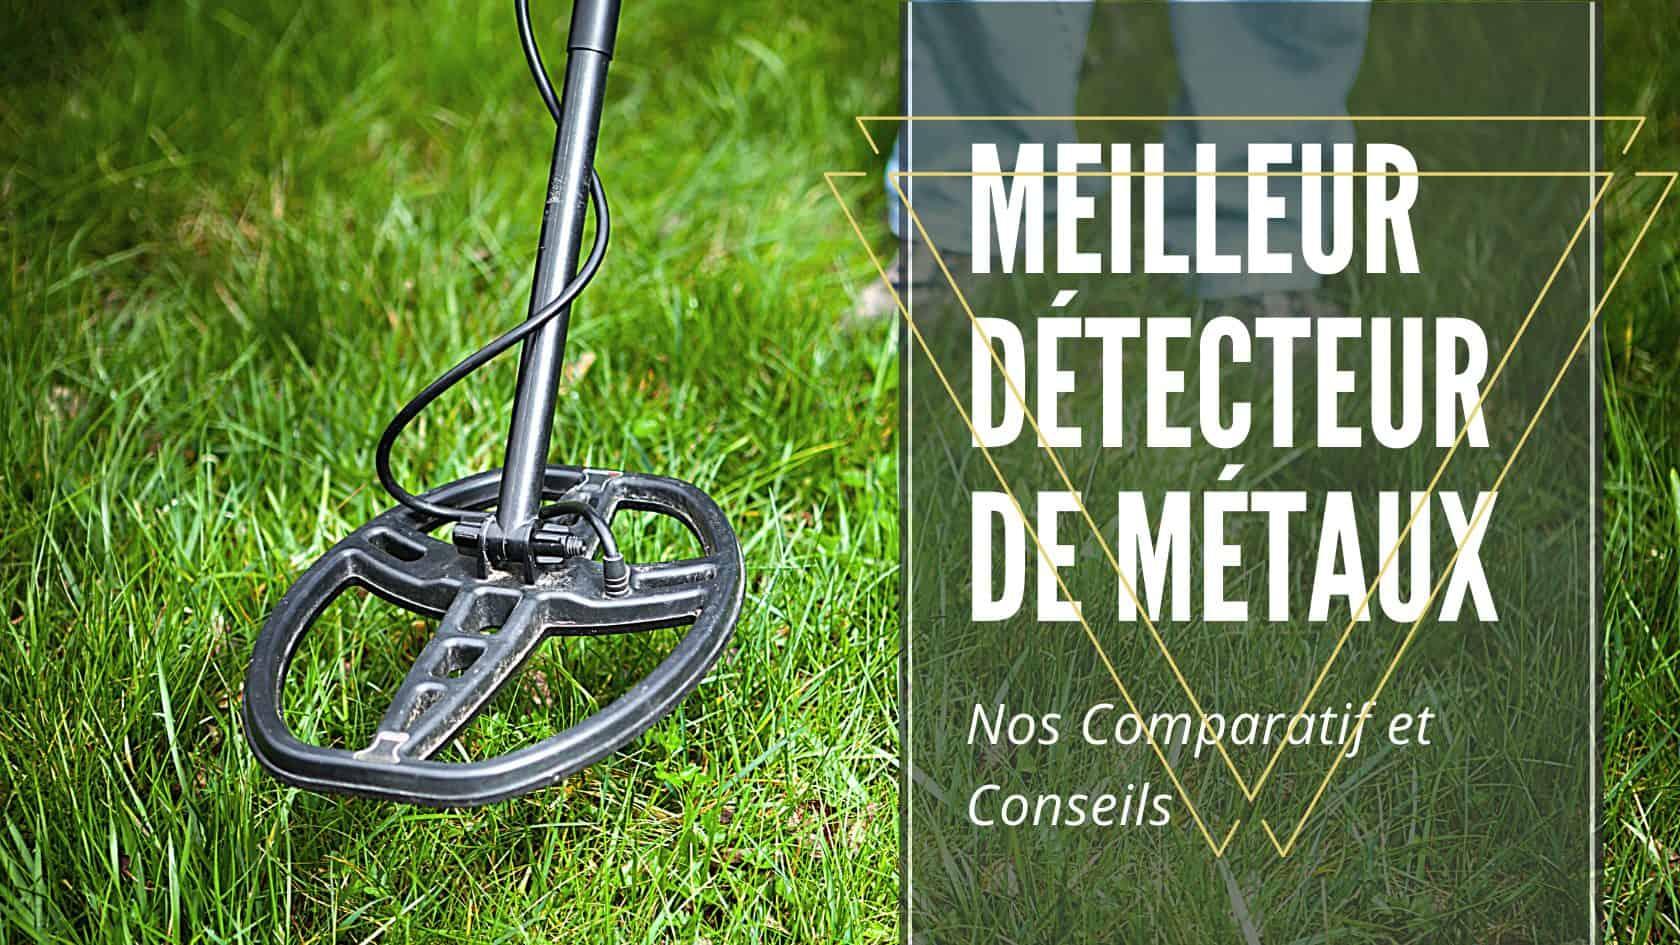 Meilleur détecteur de métaux